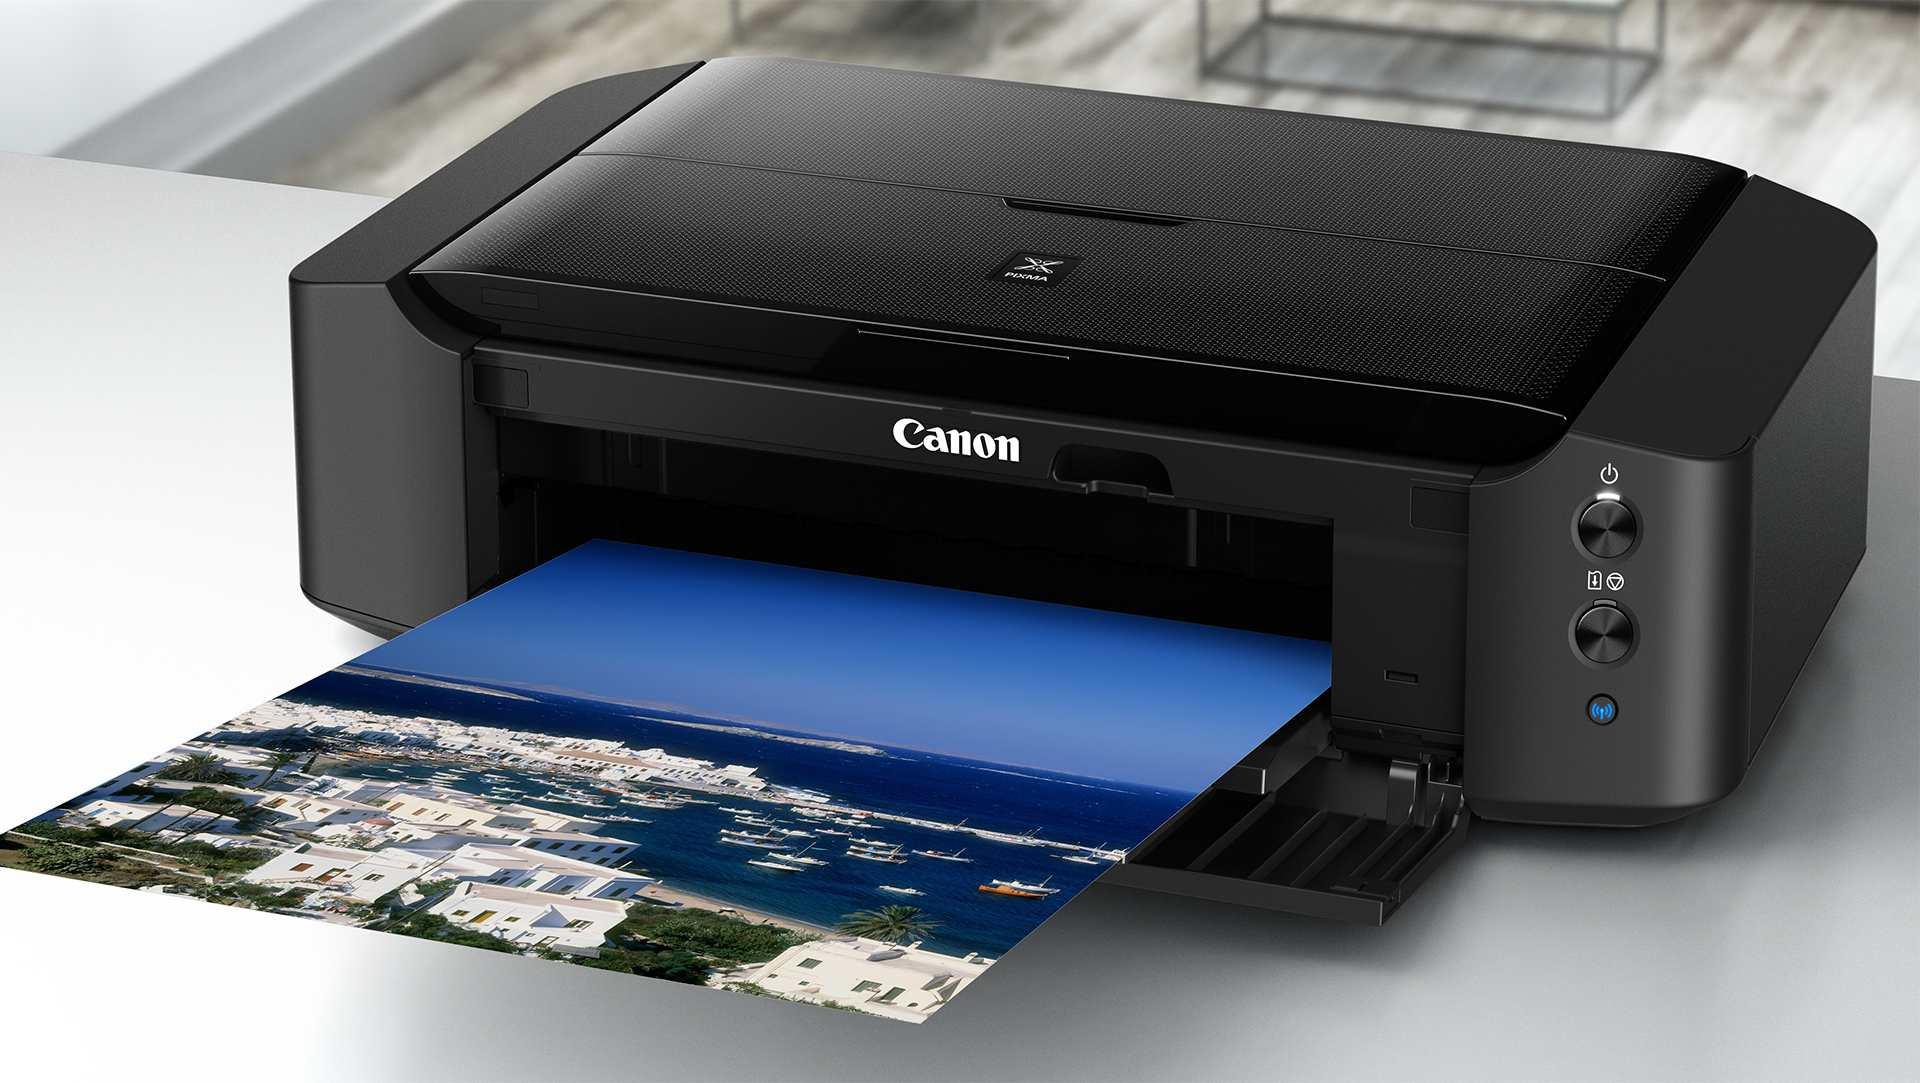 Canon PIXMA iP8750